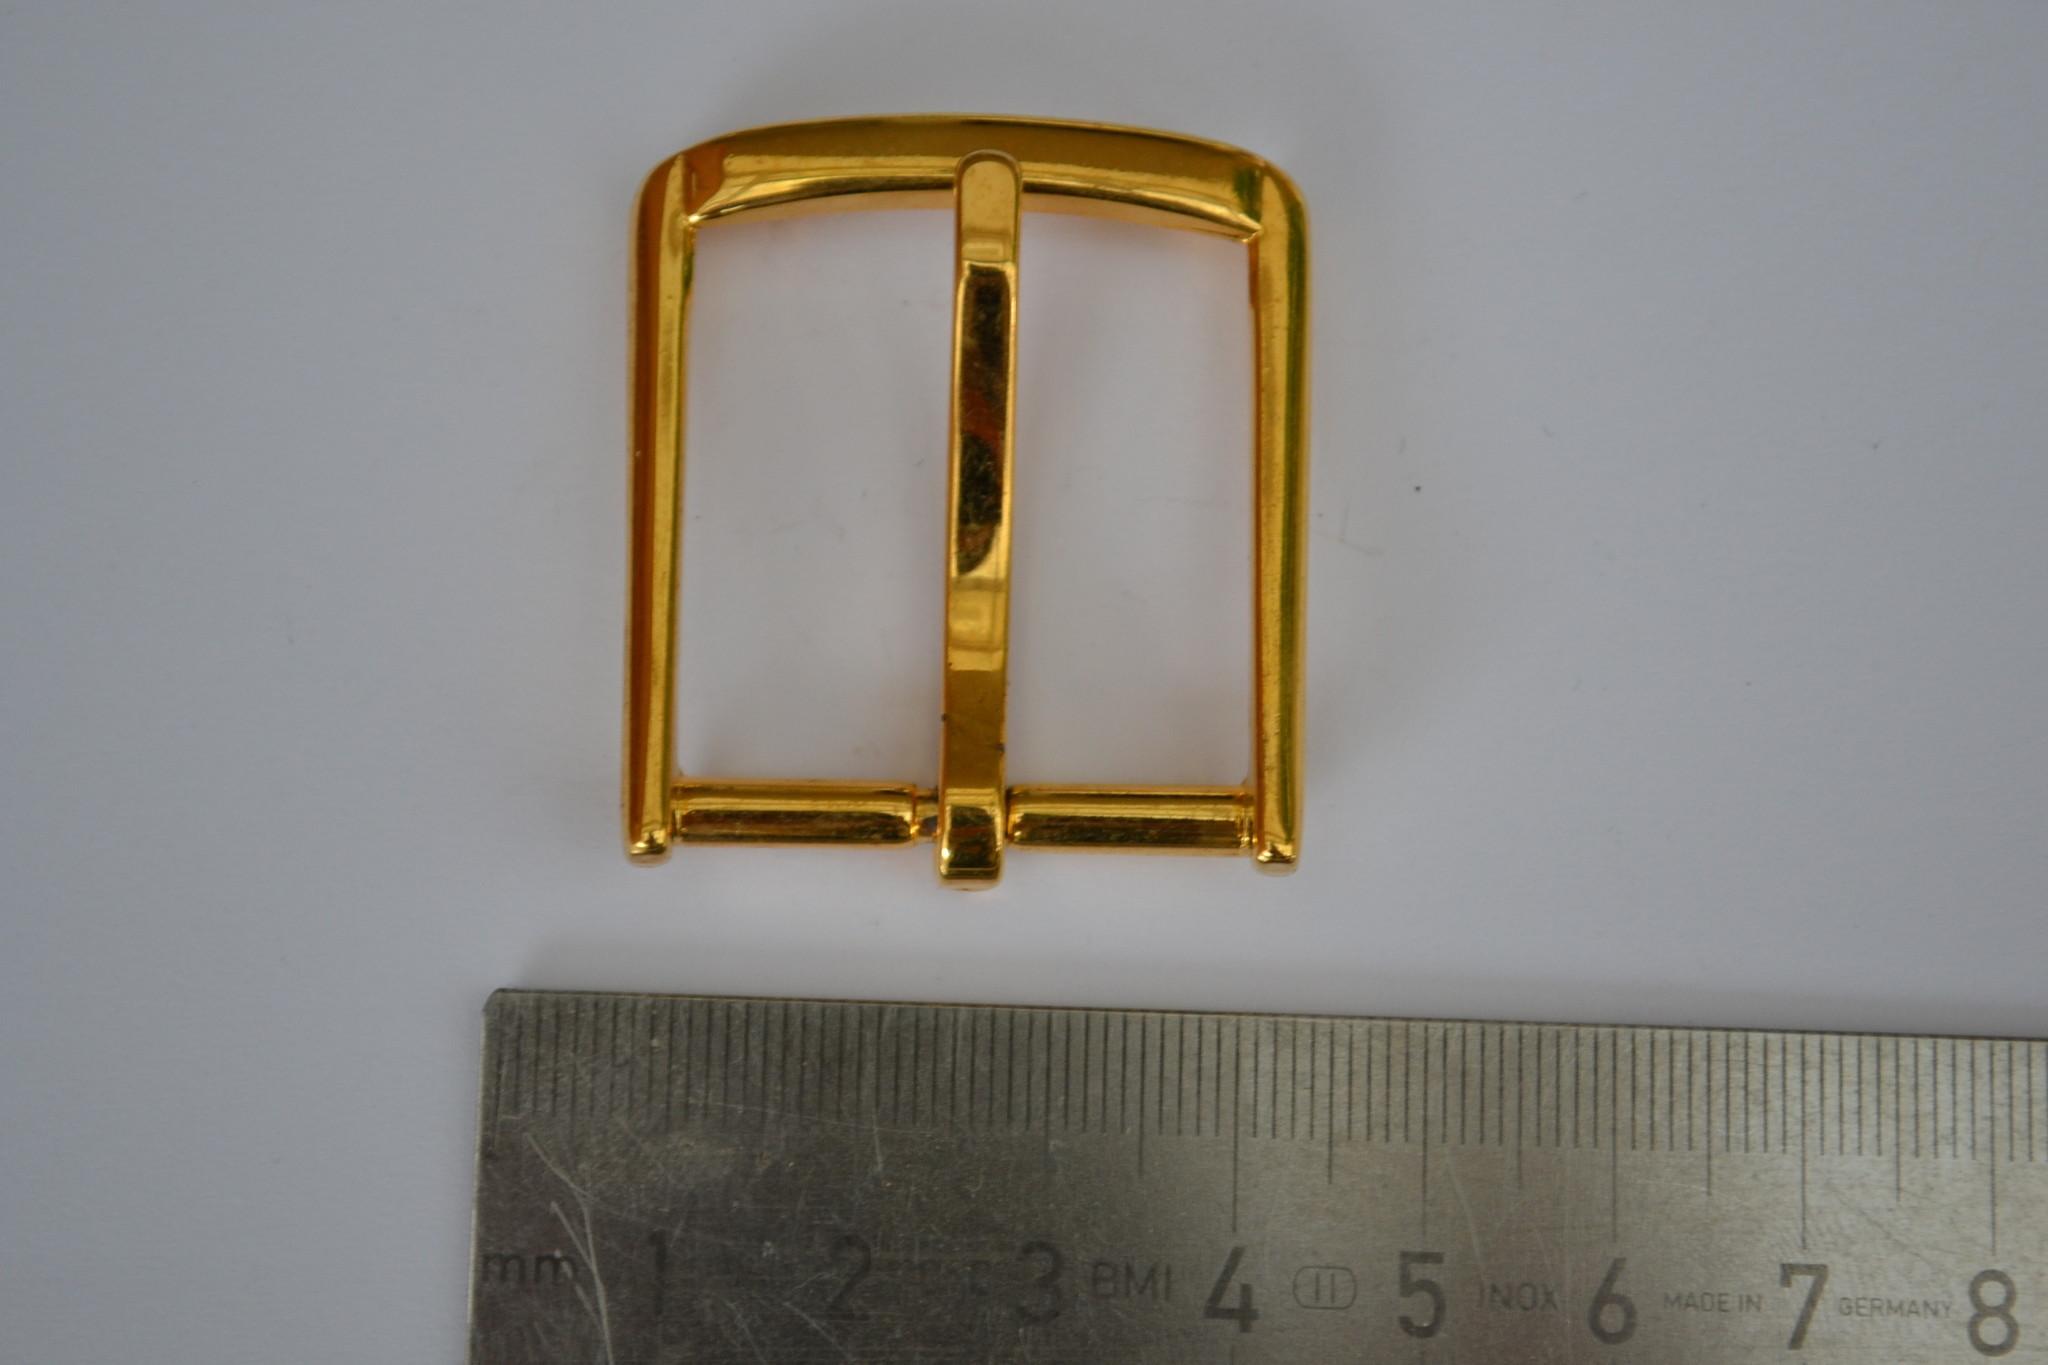 Gesp goud 30mm